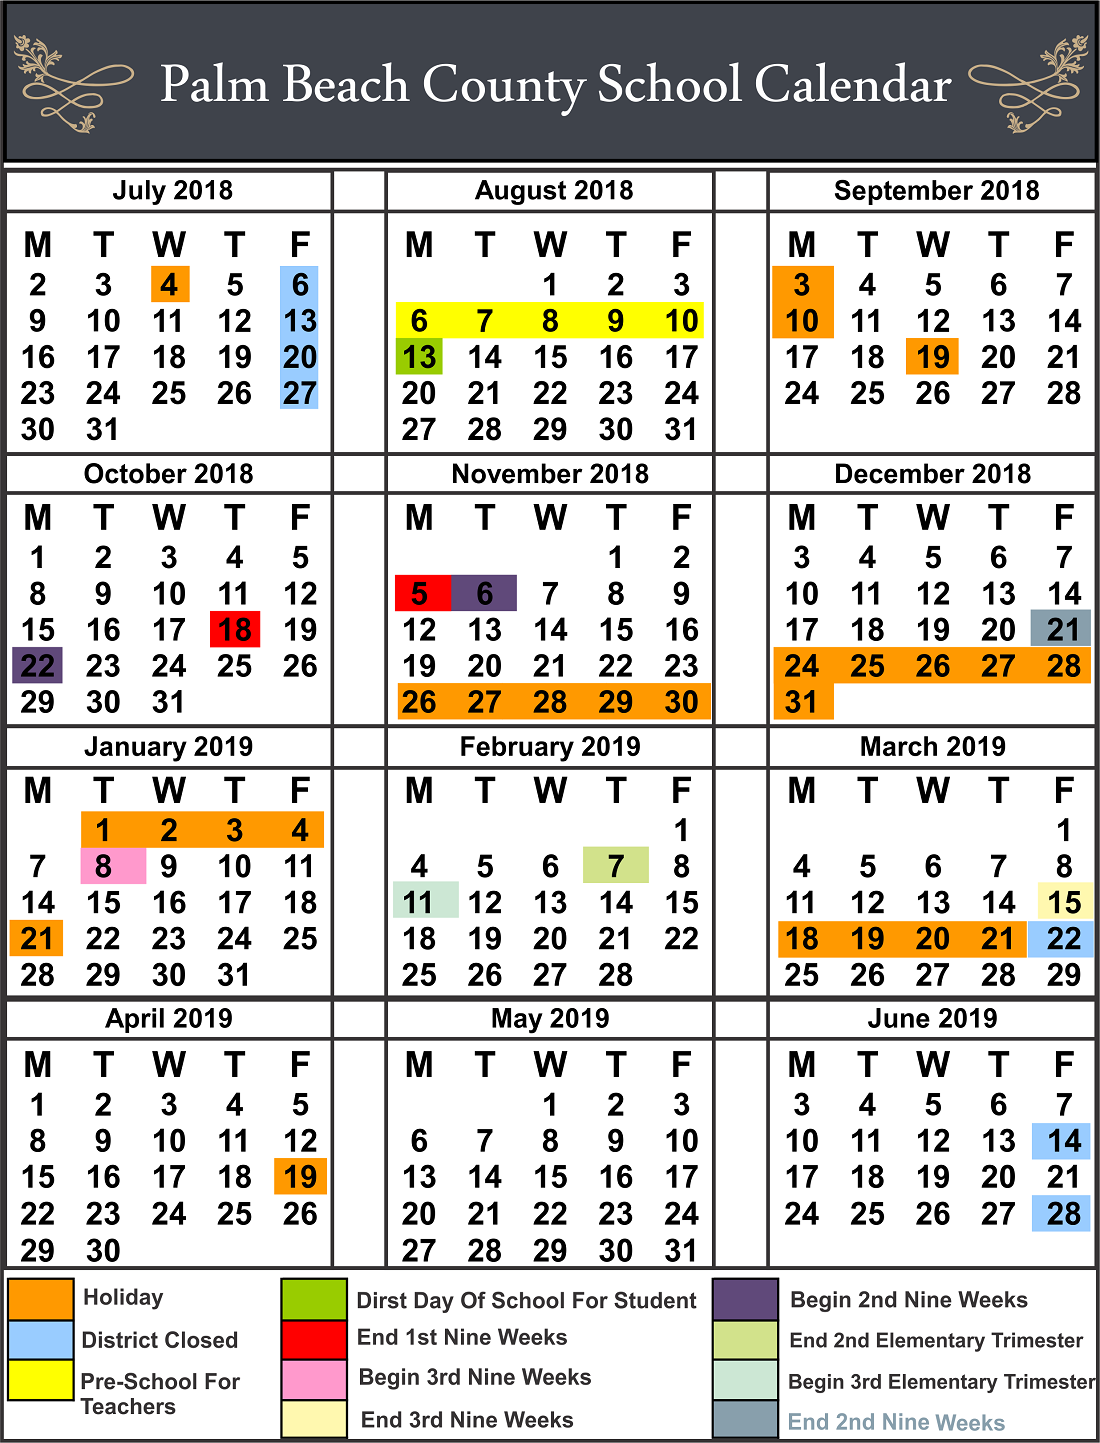 Palm Beach County School Calendar School Calendar Palm Beach Palm Beach County